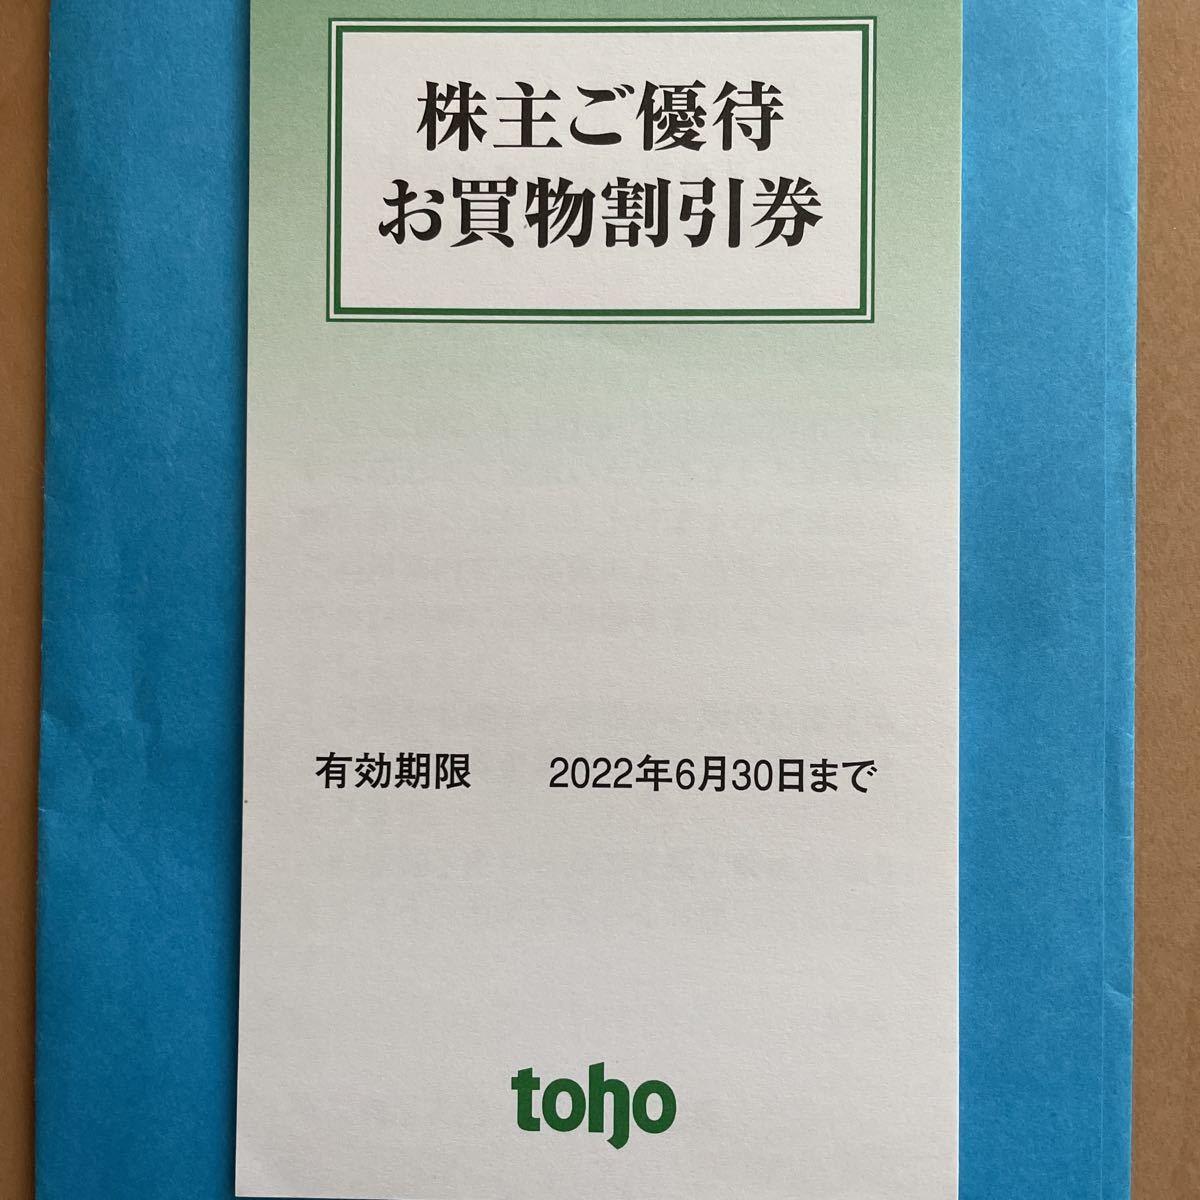 トーホー 株主優待 割引券_画像1